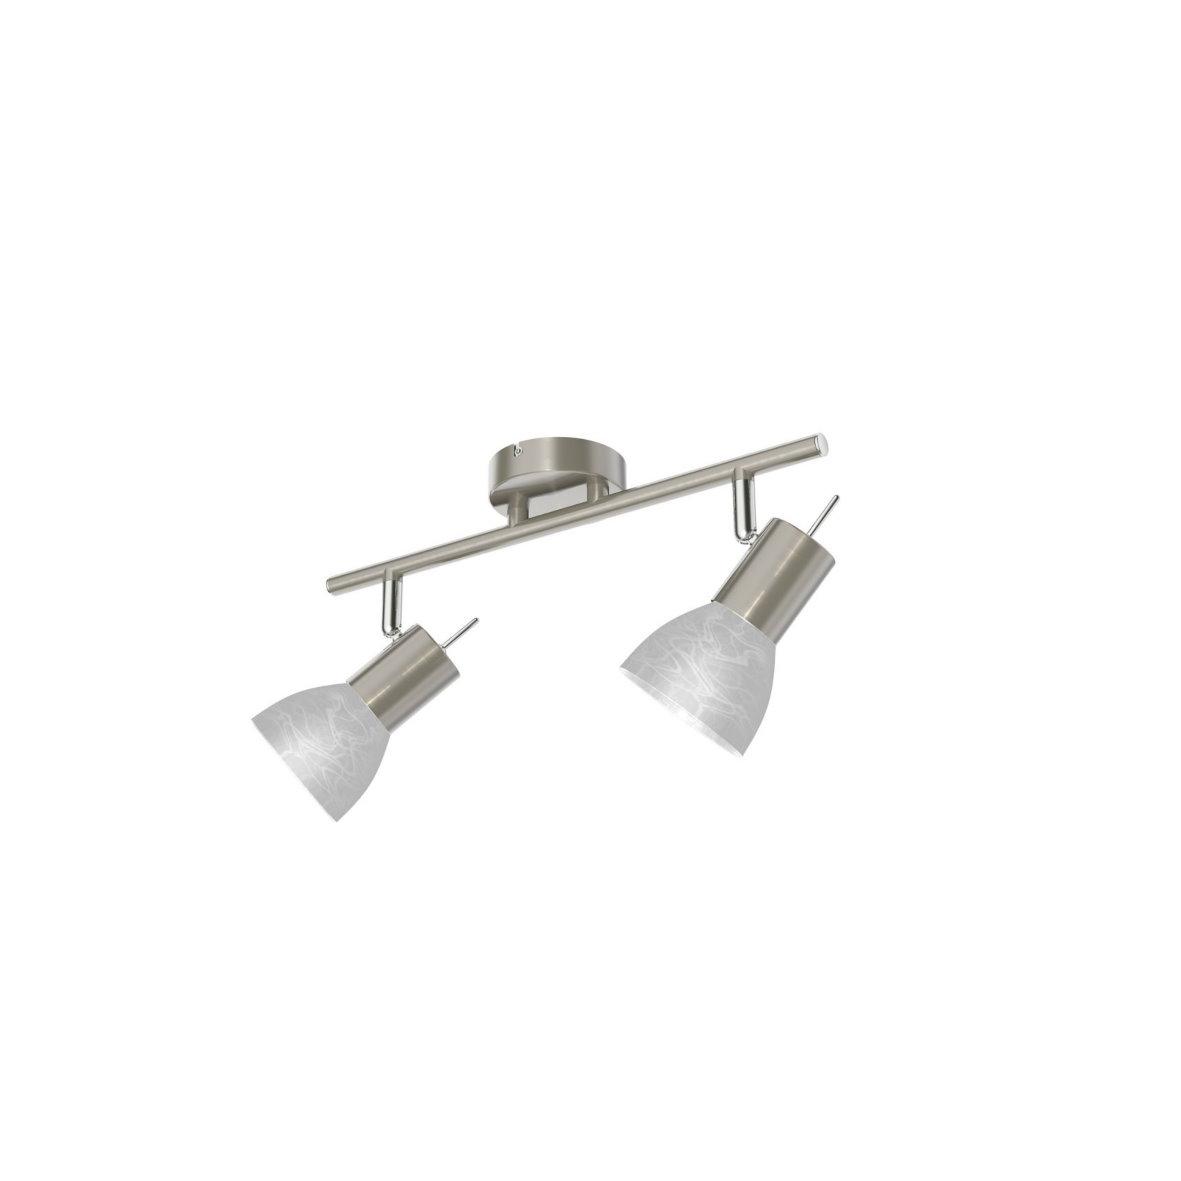 spot strahler matt glas opal deckenlampe wandstrahler. Black Bedroom Furniture Sets. Home Design Ideas